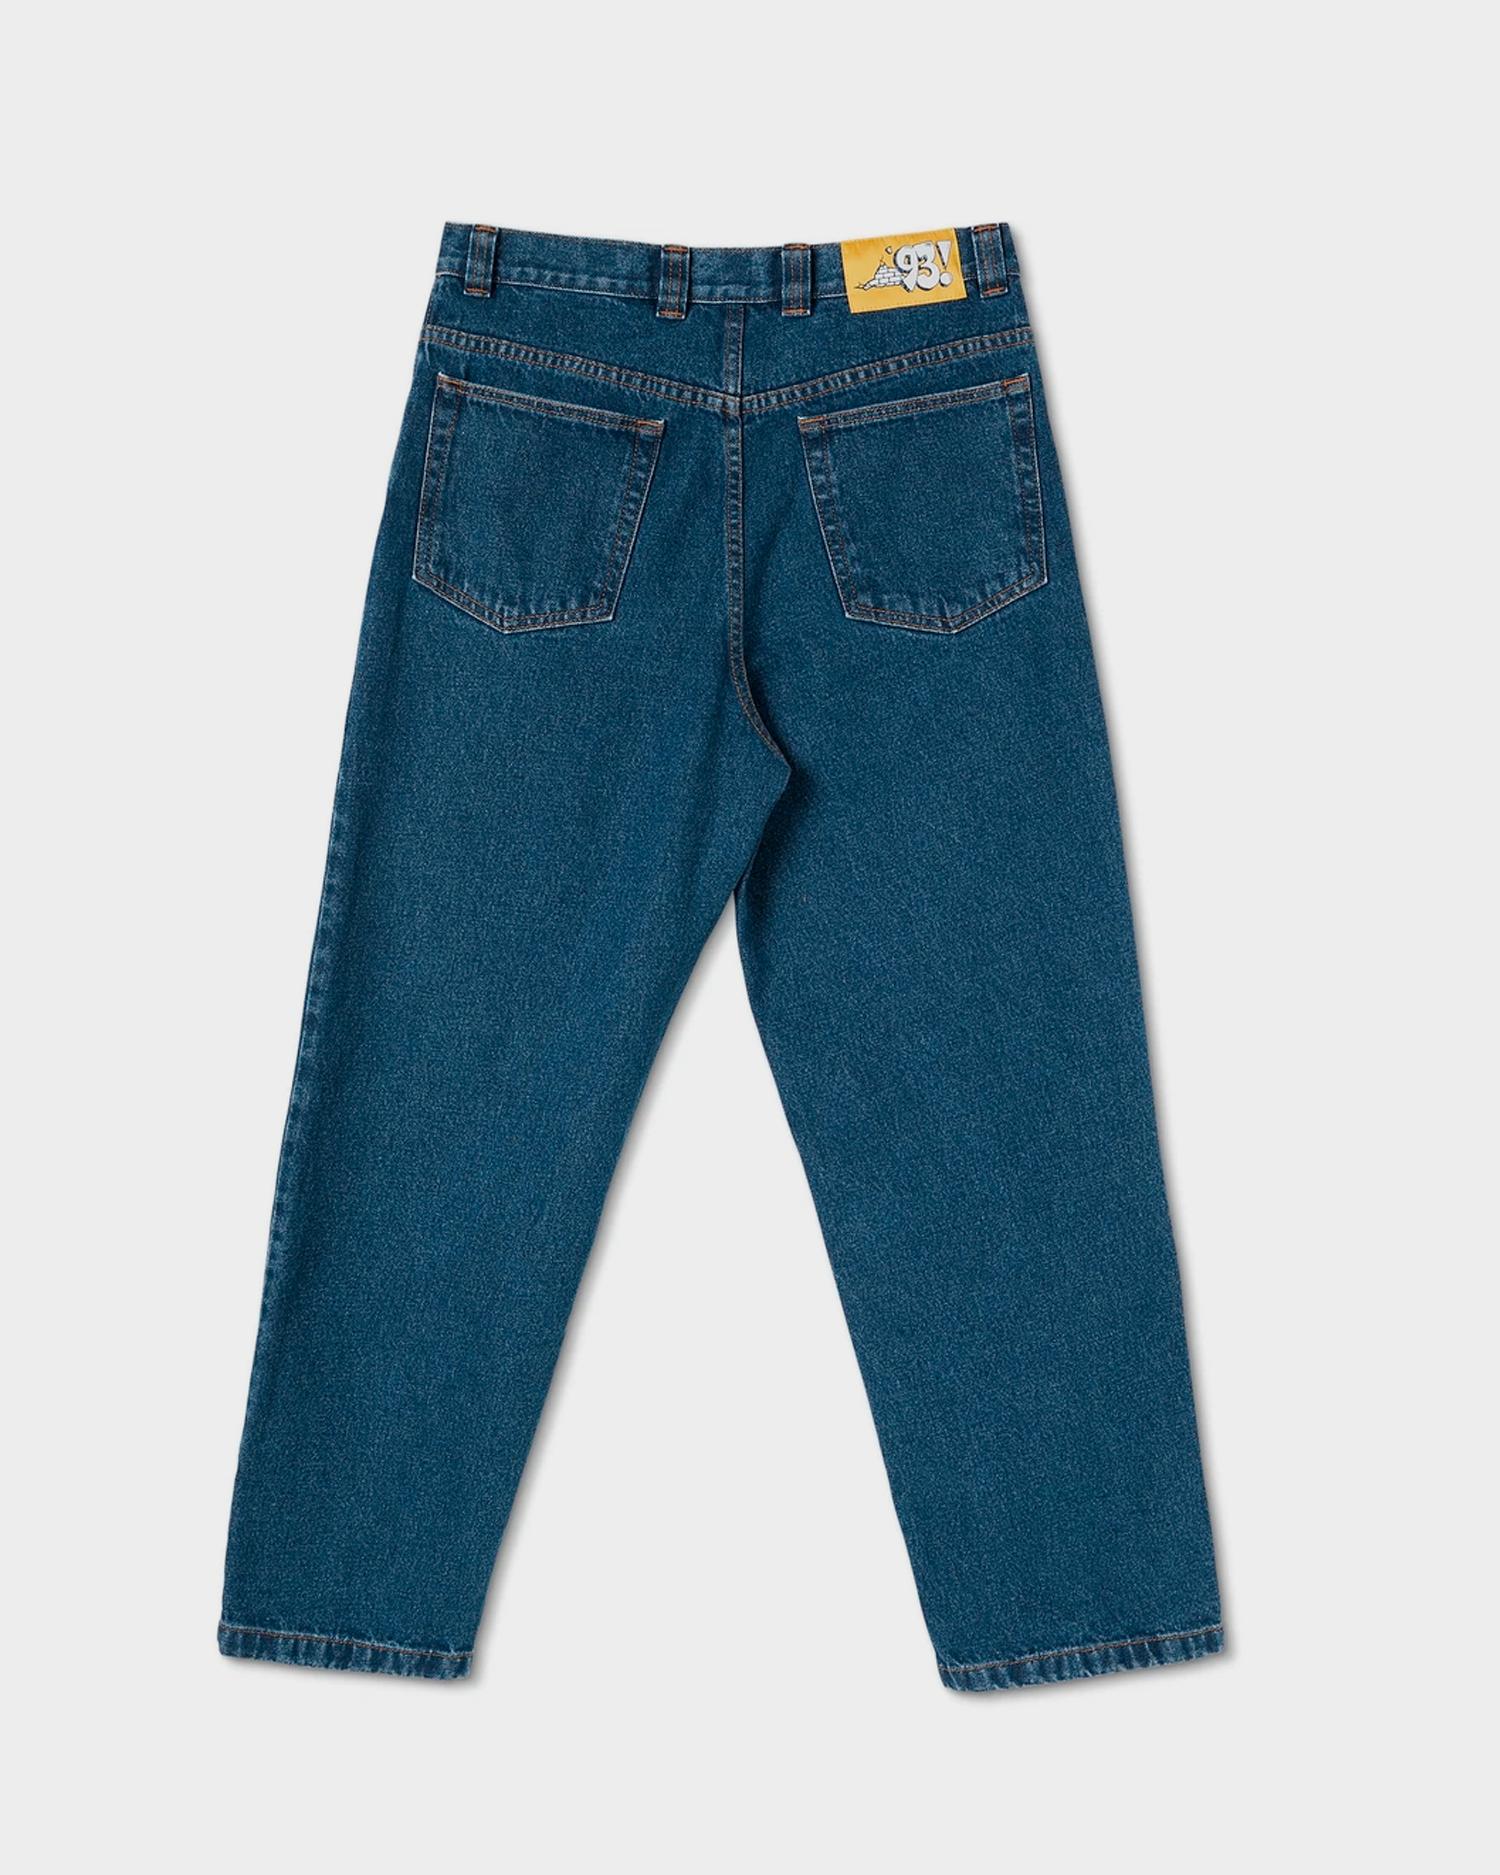 Polar 93 Denim Jeans Dark Blue